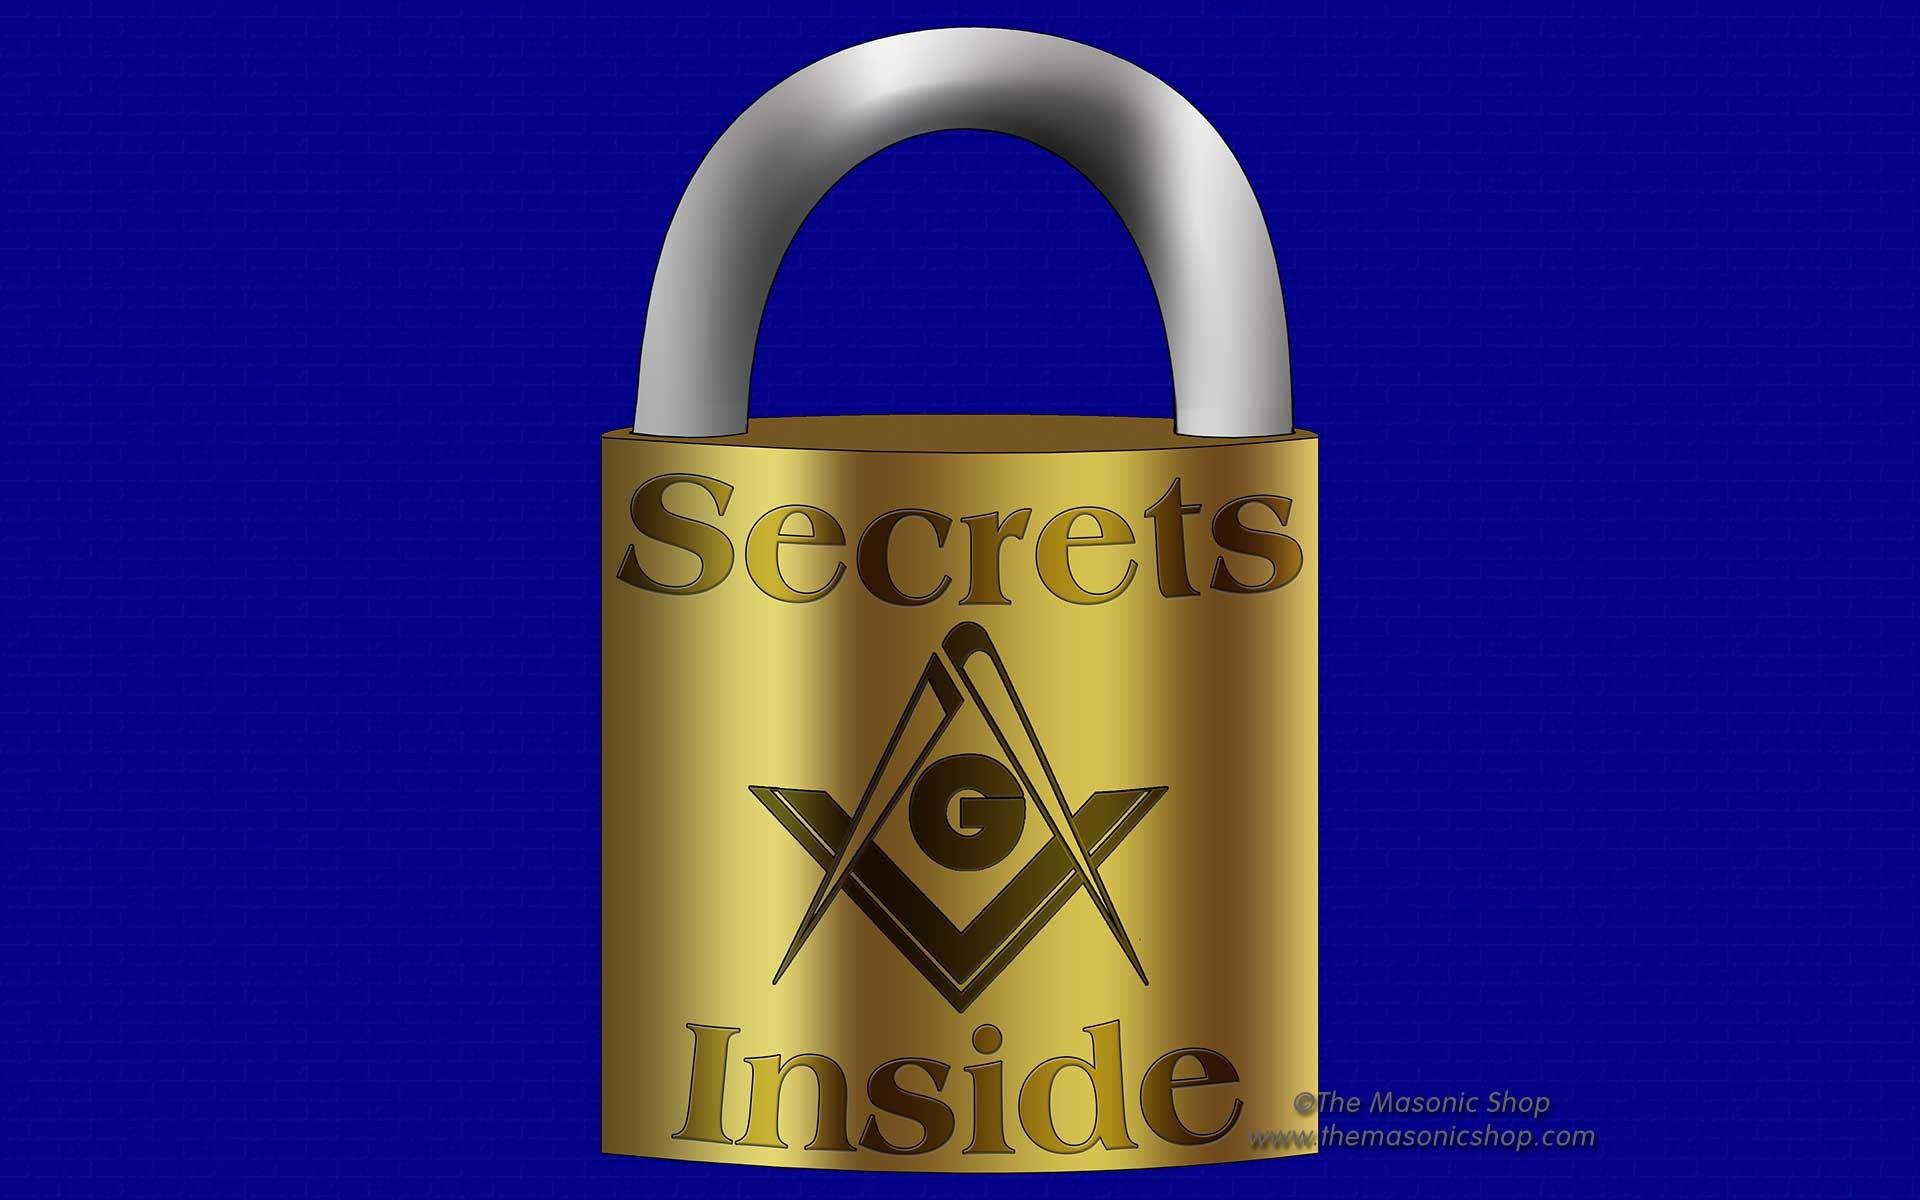 Masonic wallpaper – 407457